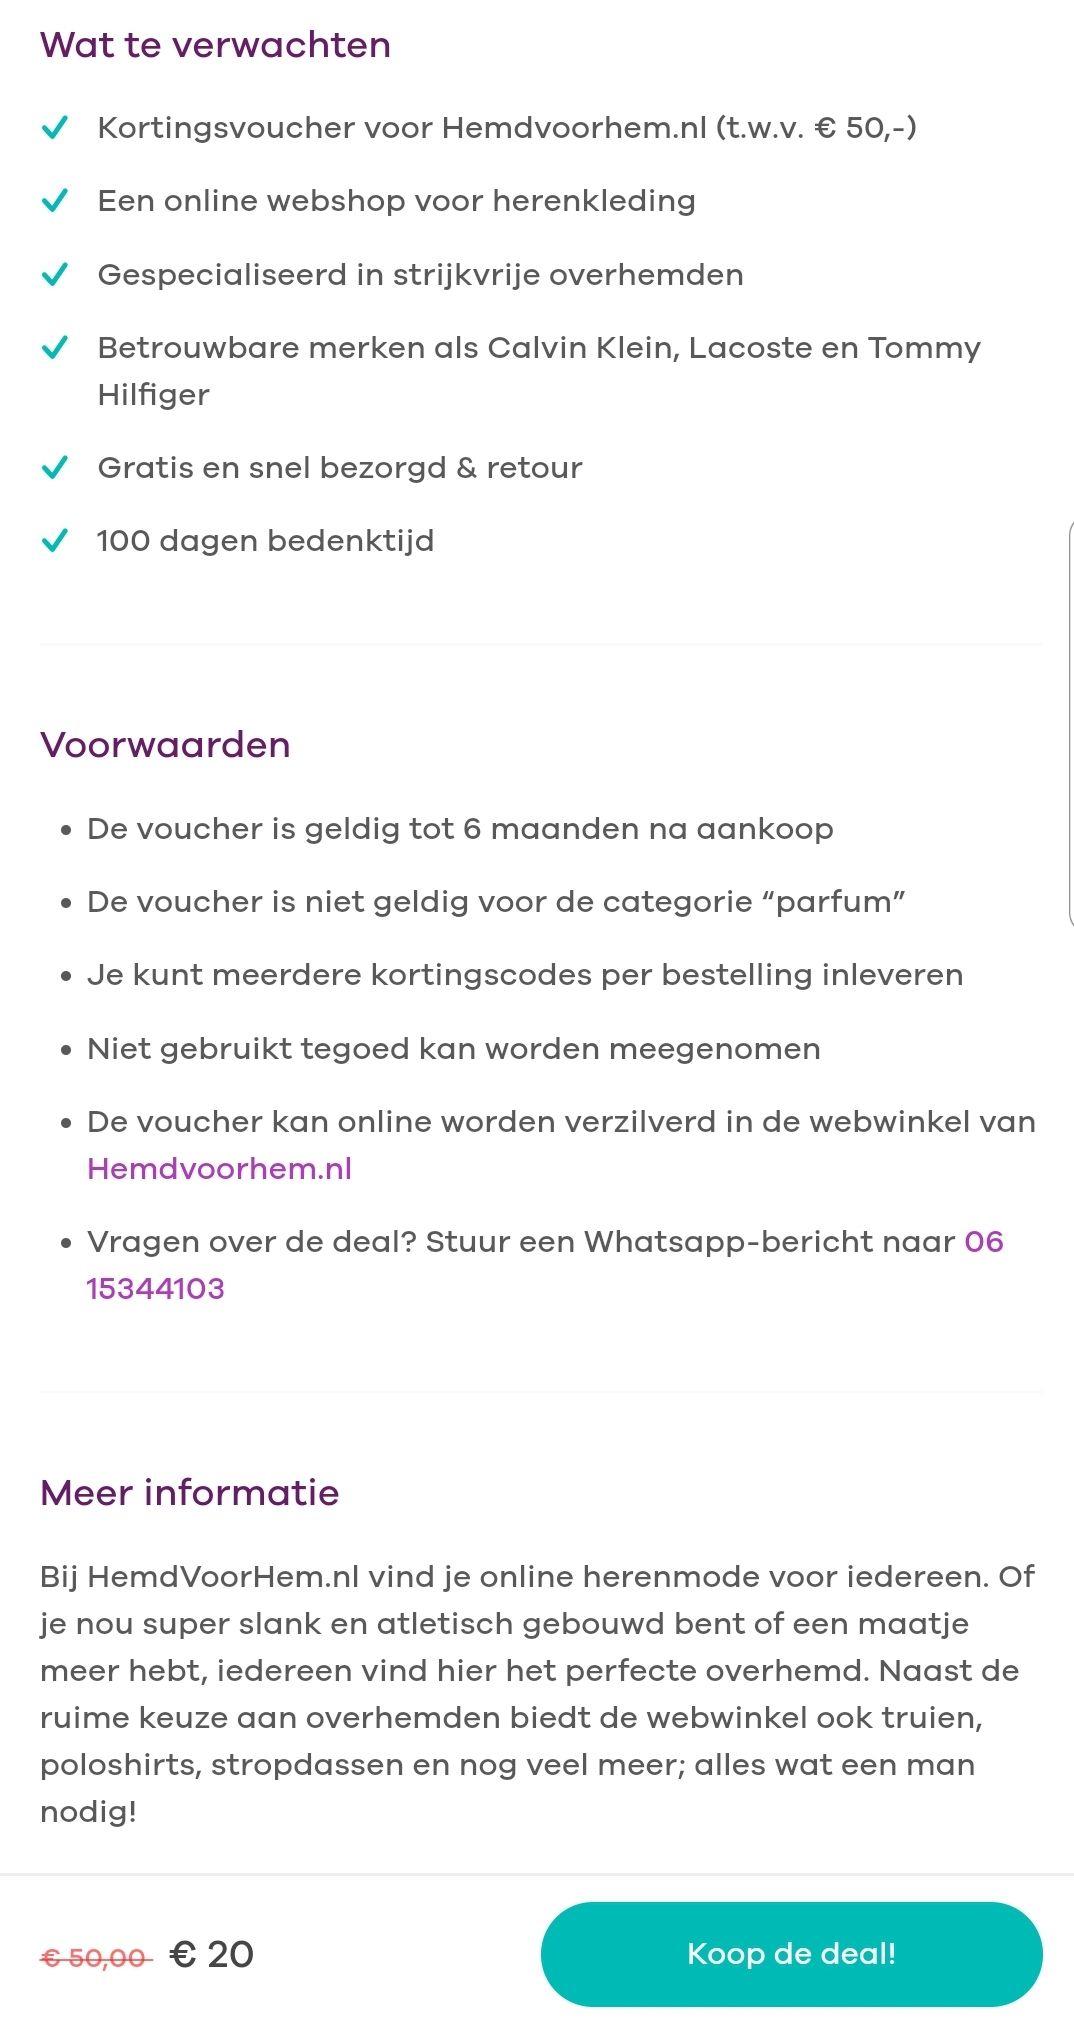 Hemdvoorhem.nl 30% korting op bijna alles + voor 20 euro kadobon t.w.v 50 euro.